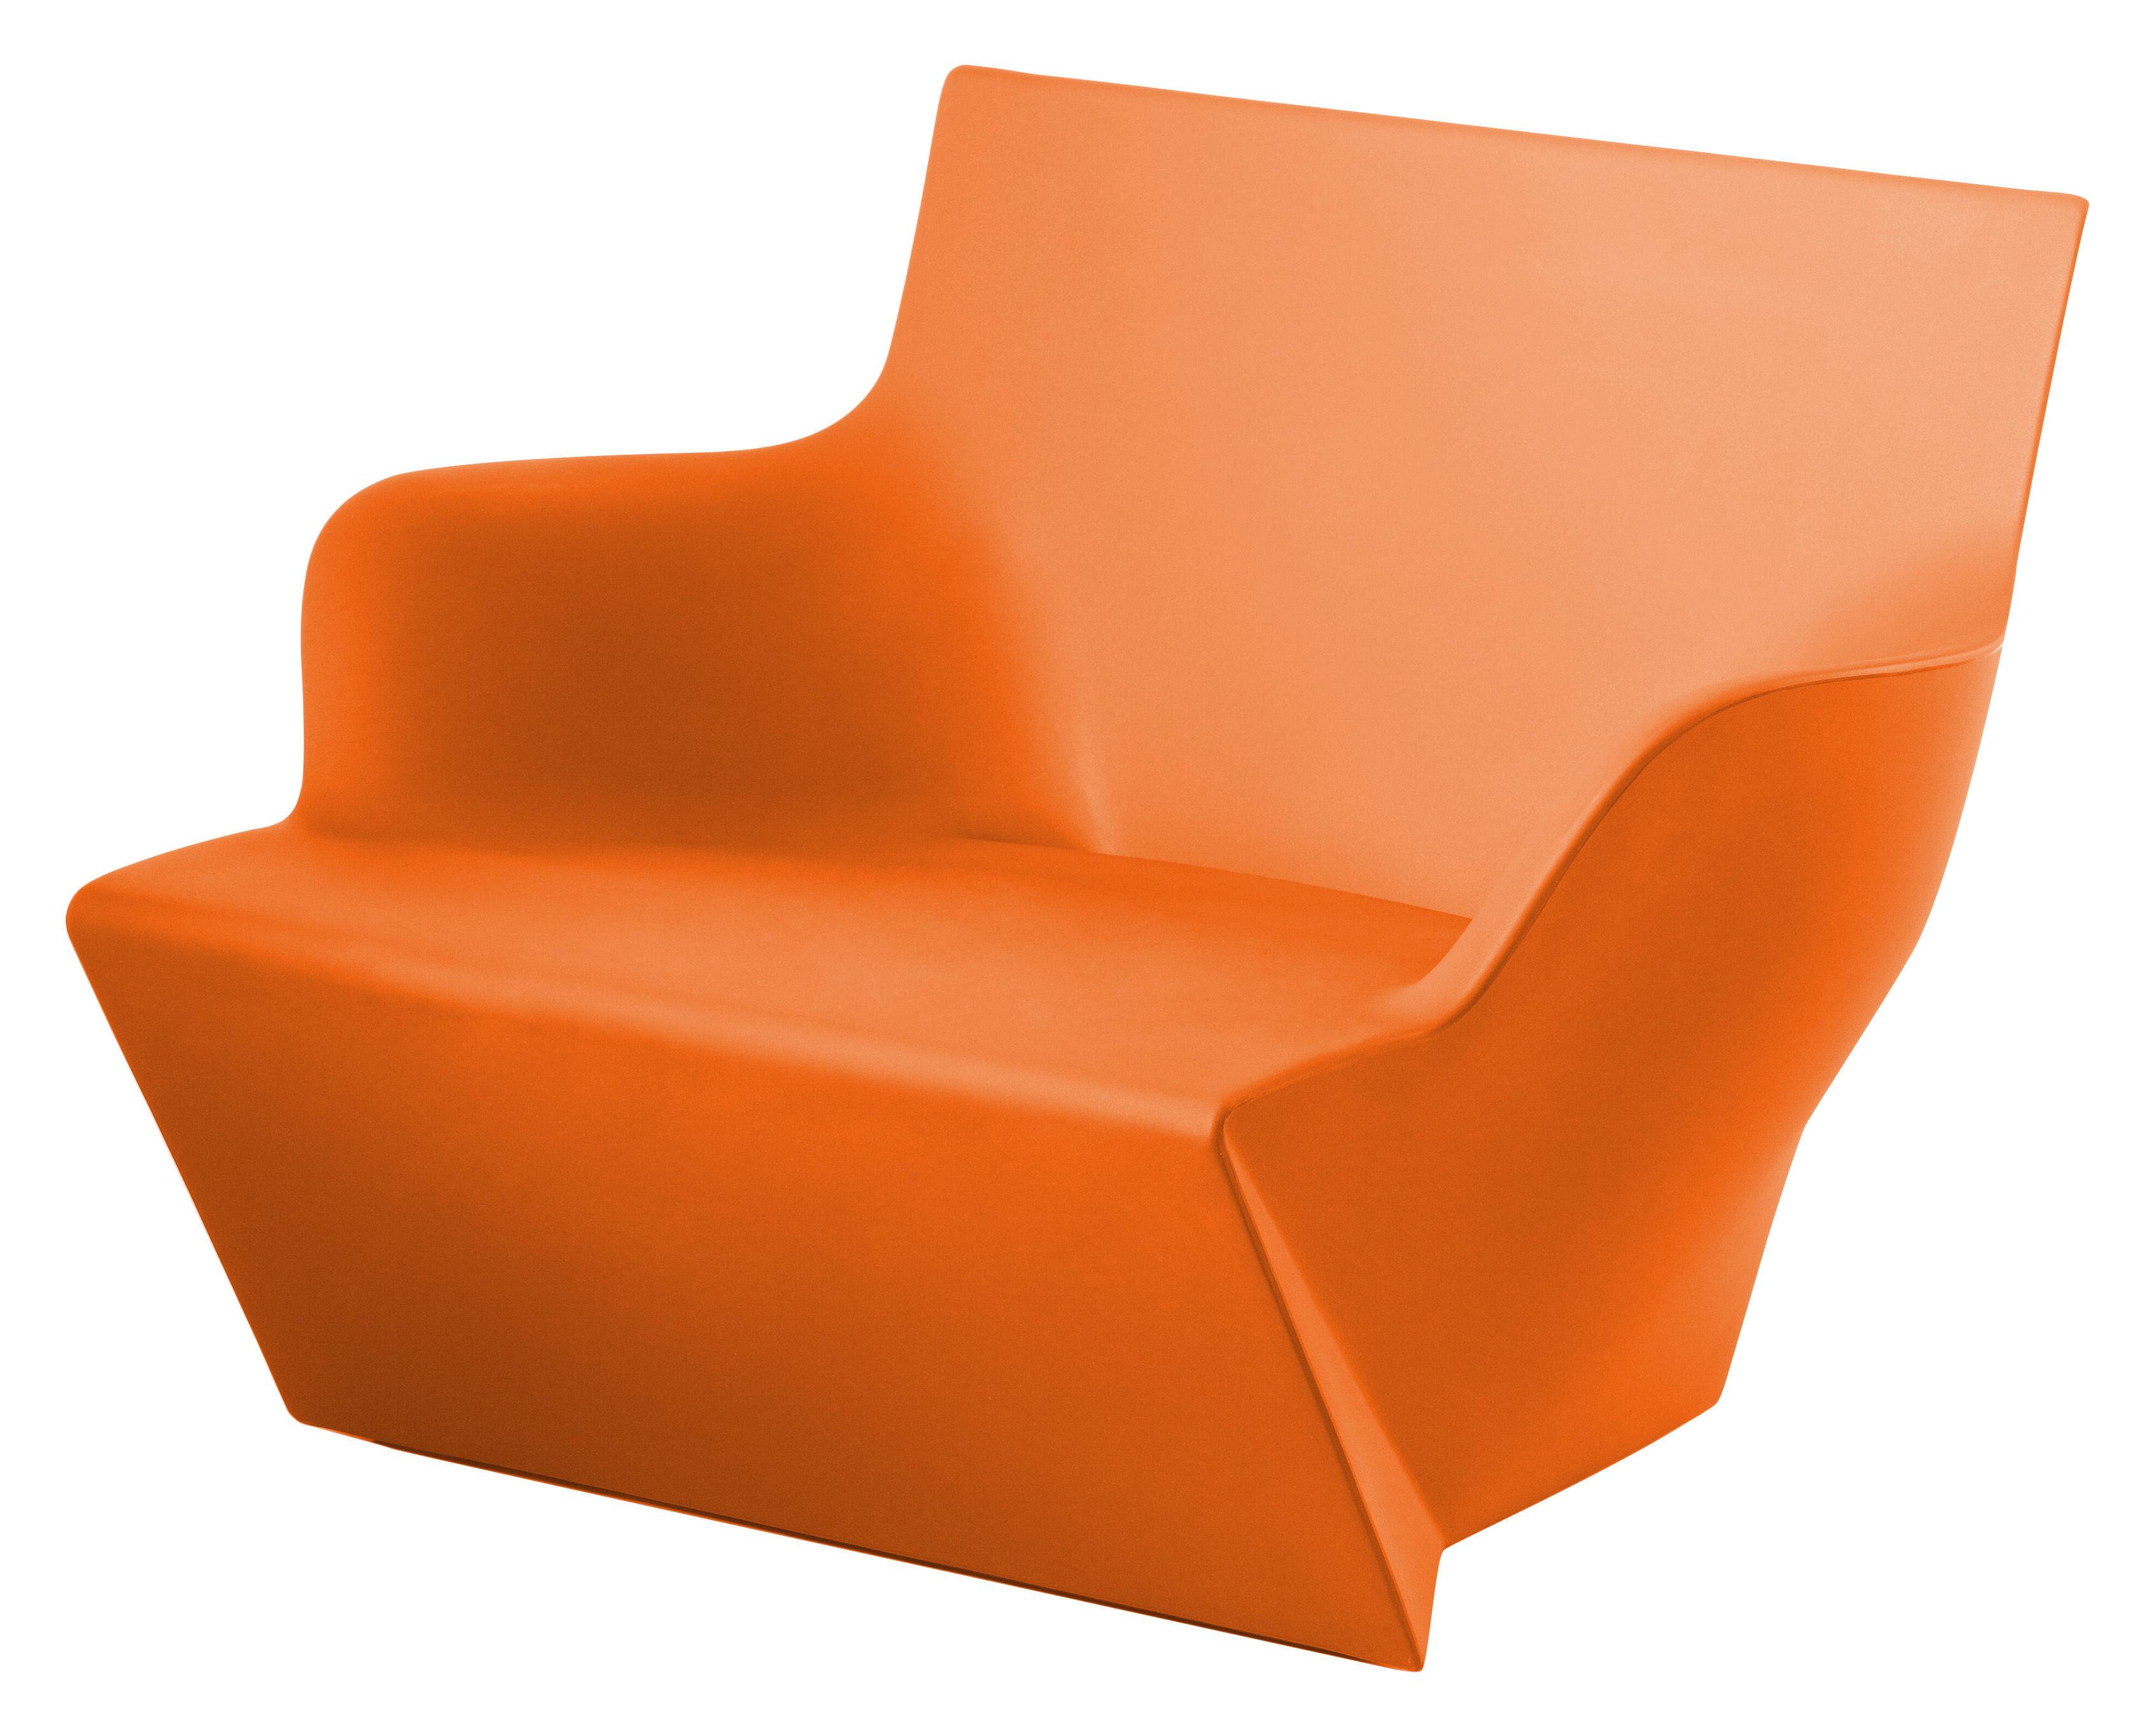 Arredamento - Poltrone design  - Poltrona Kami San di Slide - Arancione - polietilene riciclabile